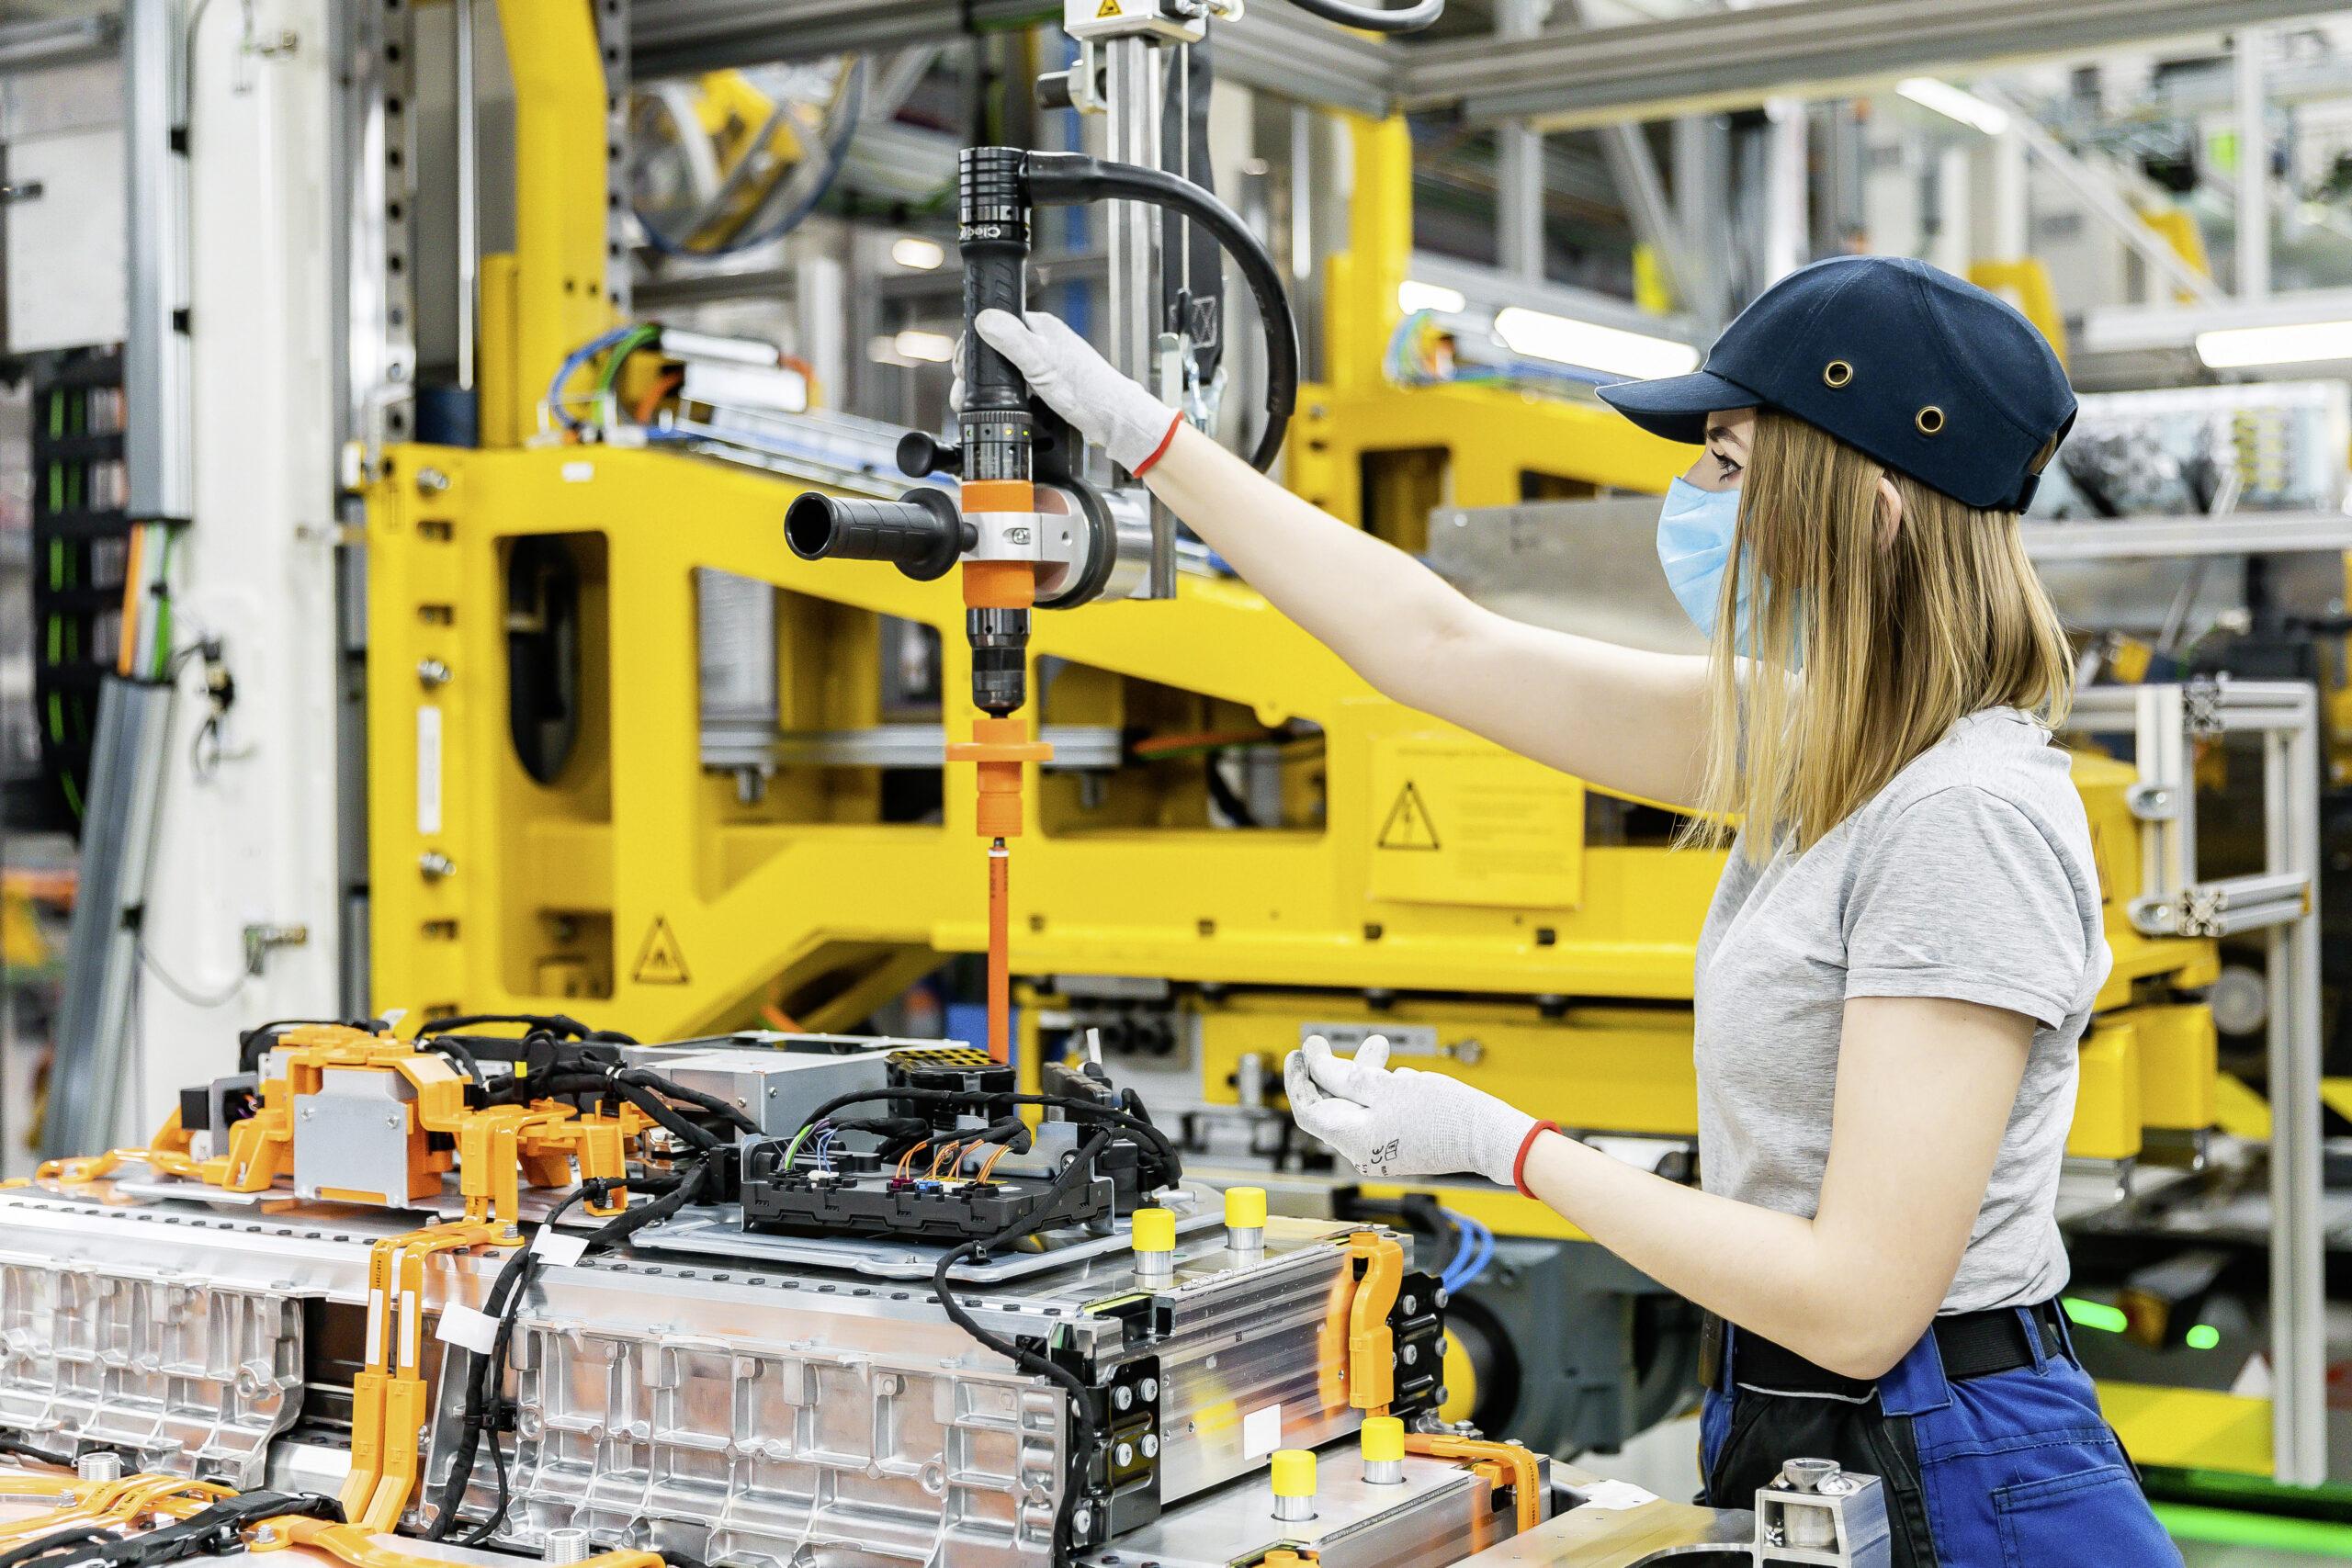 Frau arbeitet an einer Maschine der Batterieproduktion bei der Mercedes-Benz Tochter Accumotive in Kamenz